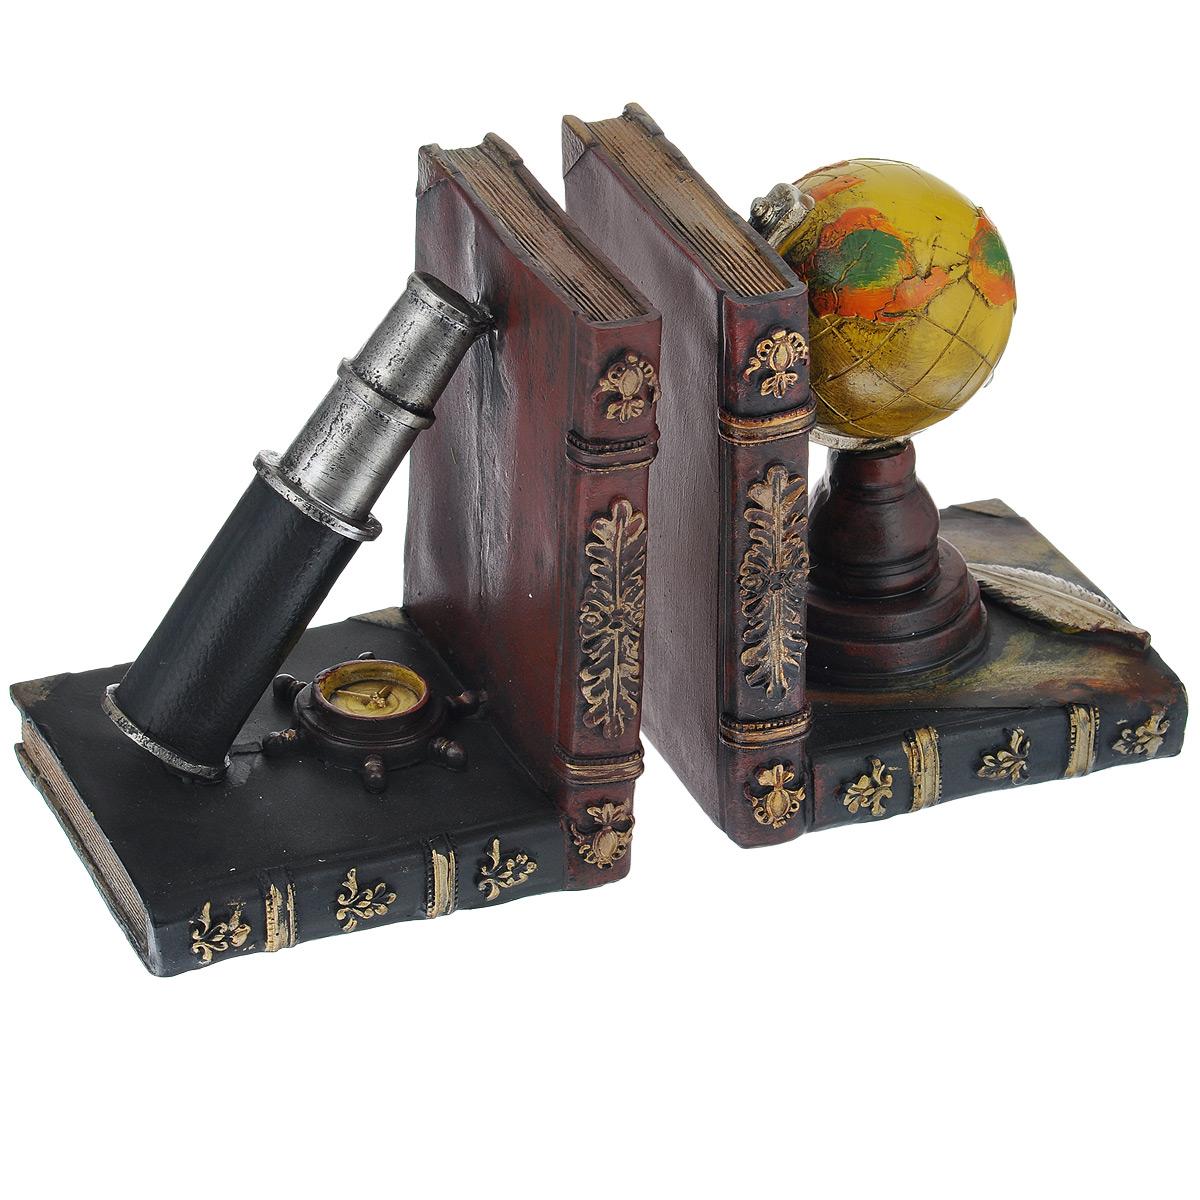 Подставка-ограничитель для книг Навигация, 2 шт подставка ограничитель для книг купола